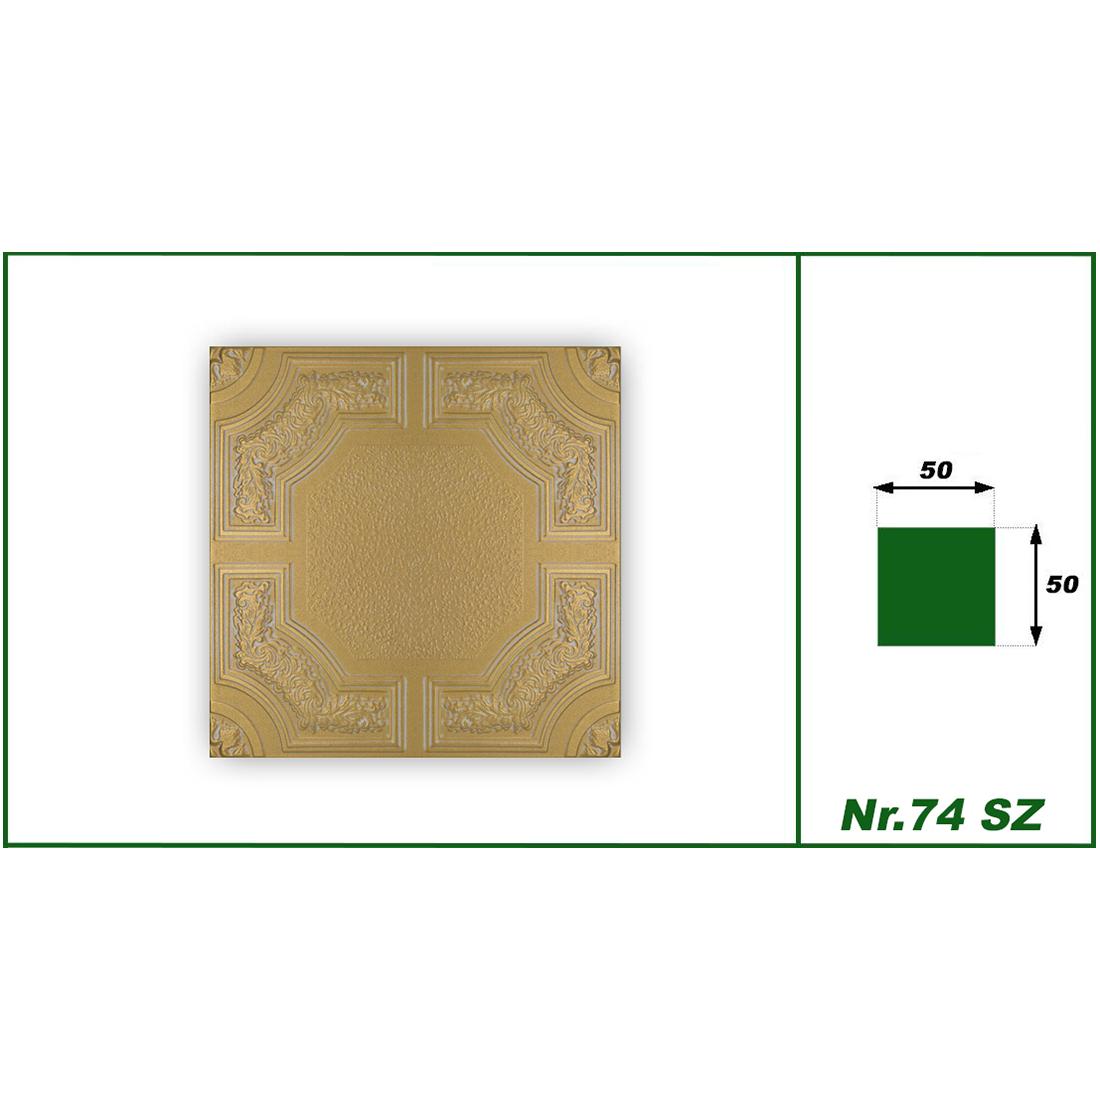 Hexim Deckenplatten Nr.74